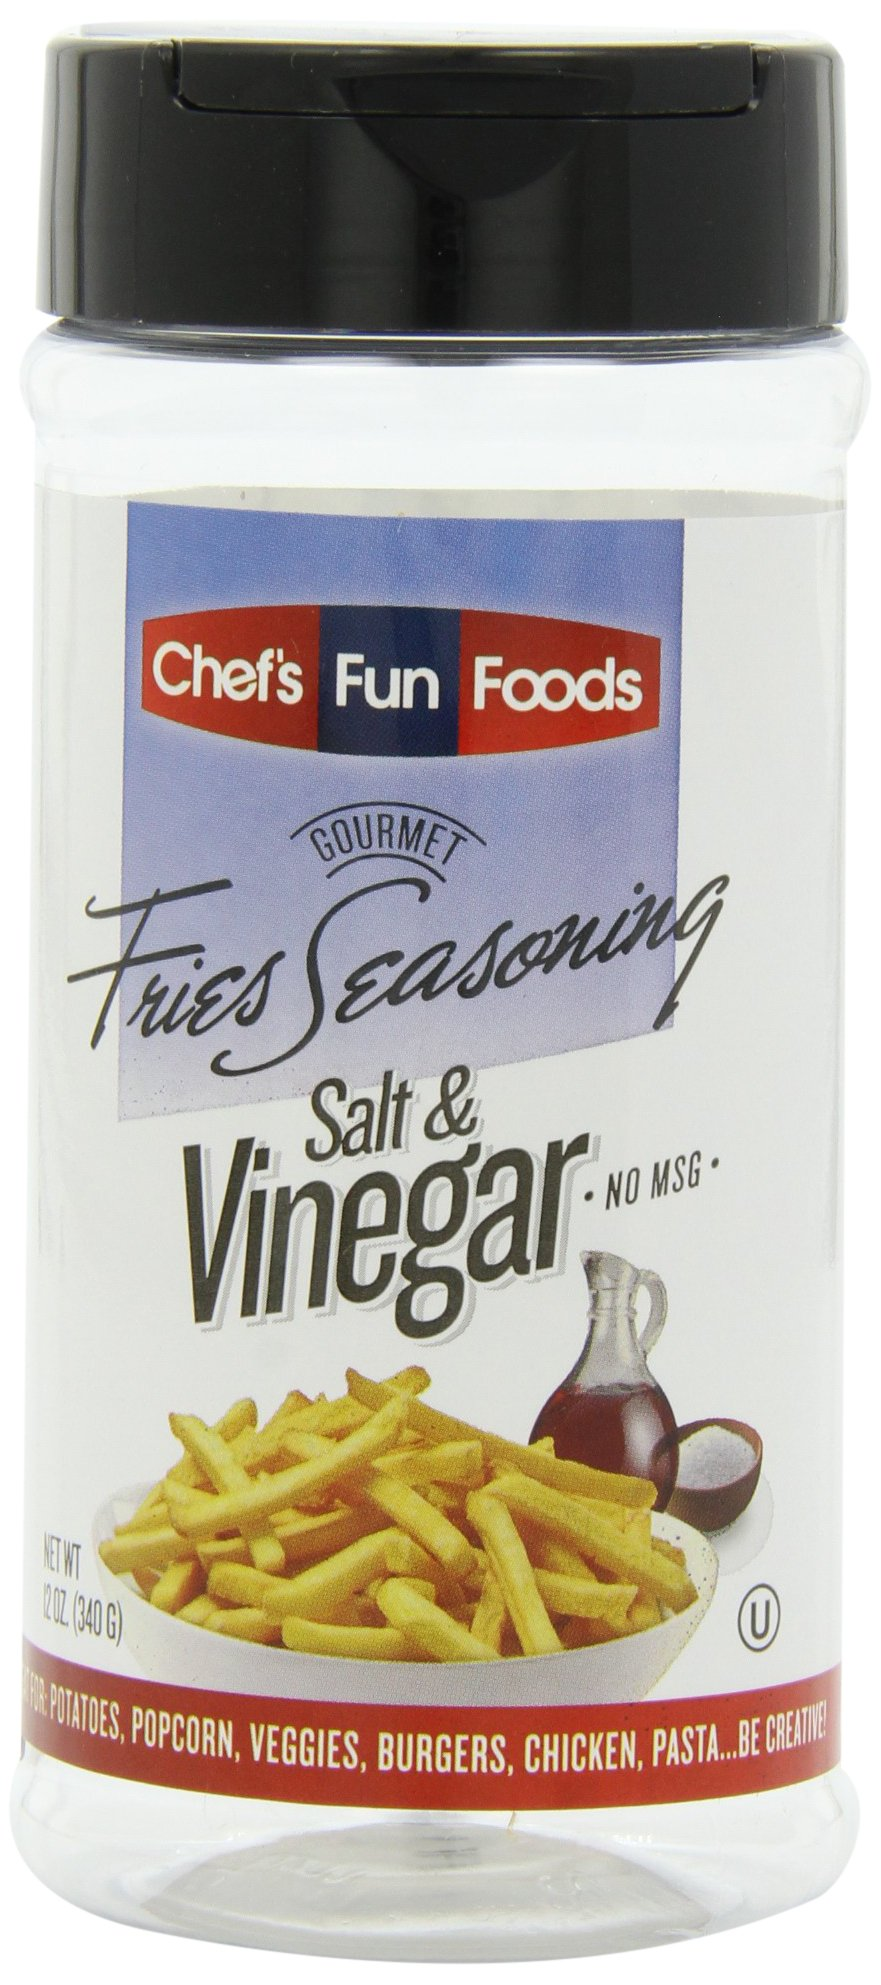 Gourmet Fries Seasonings Salt and Vinegar, 2 Pound